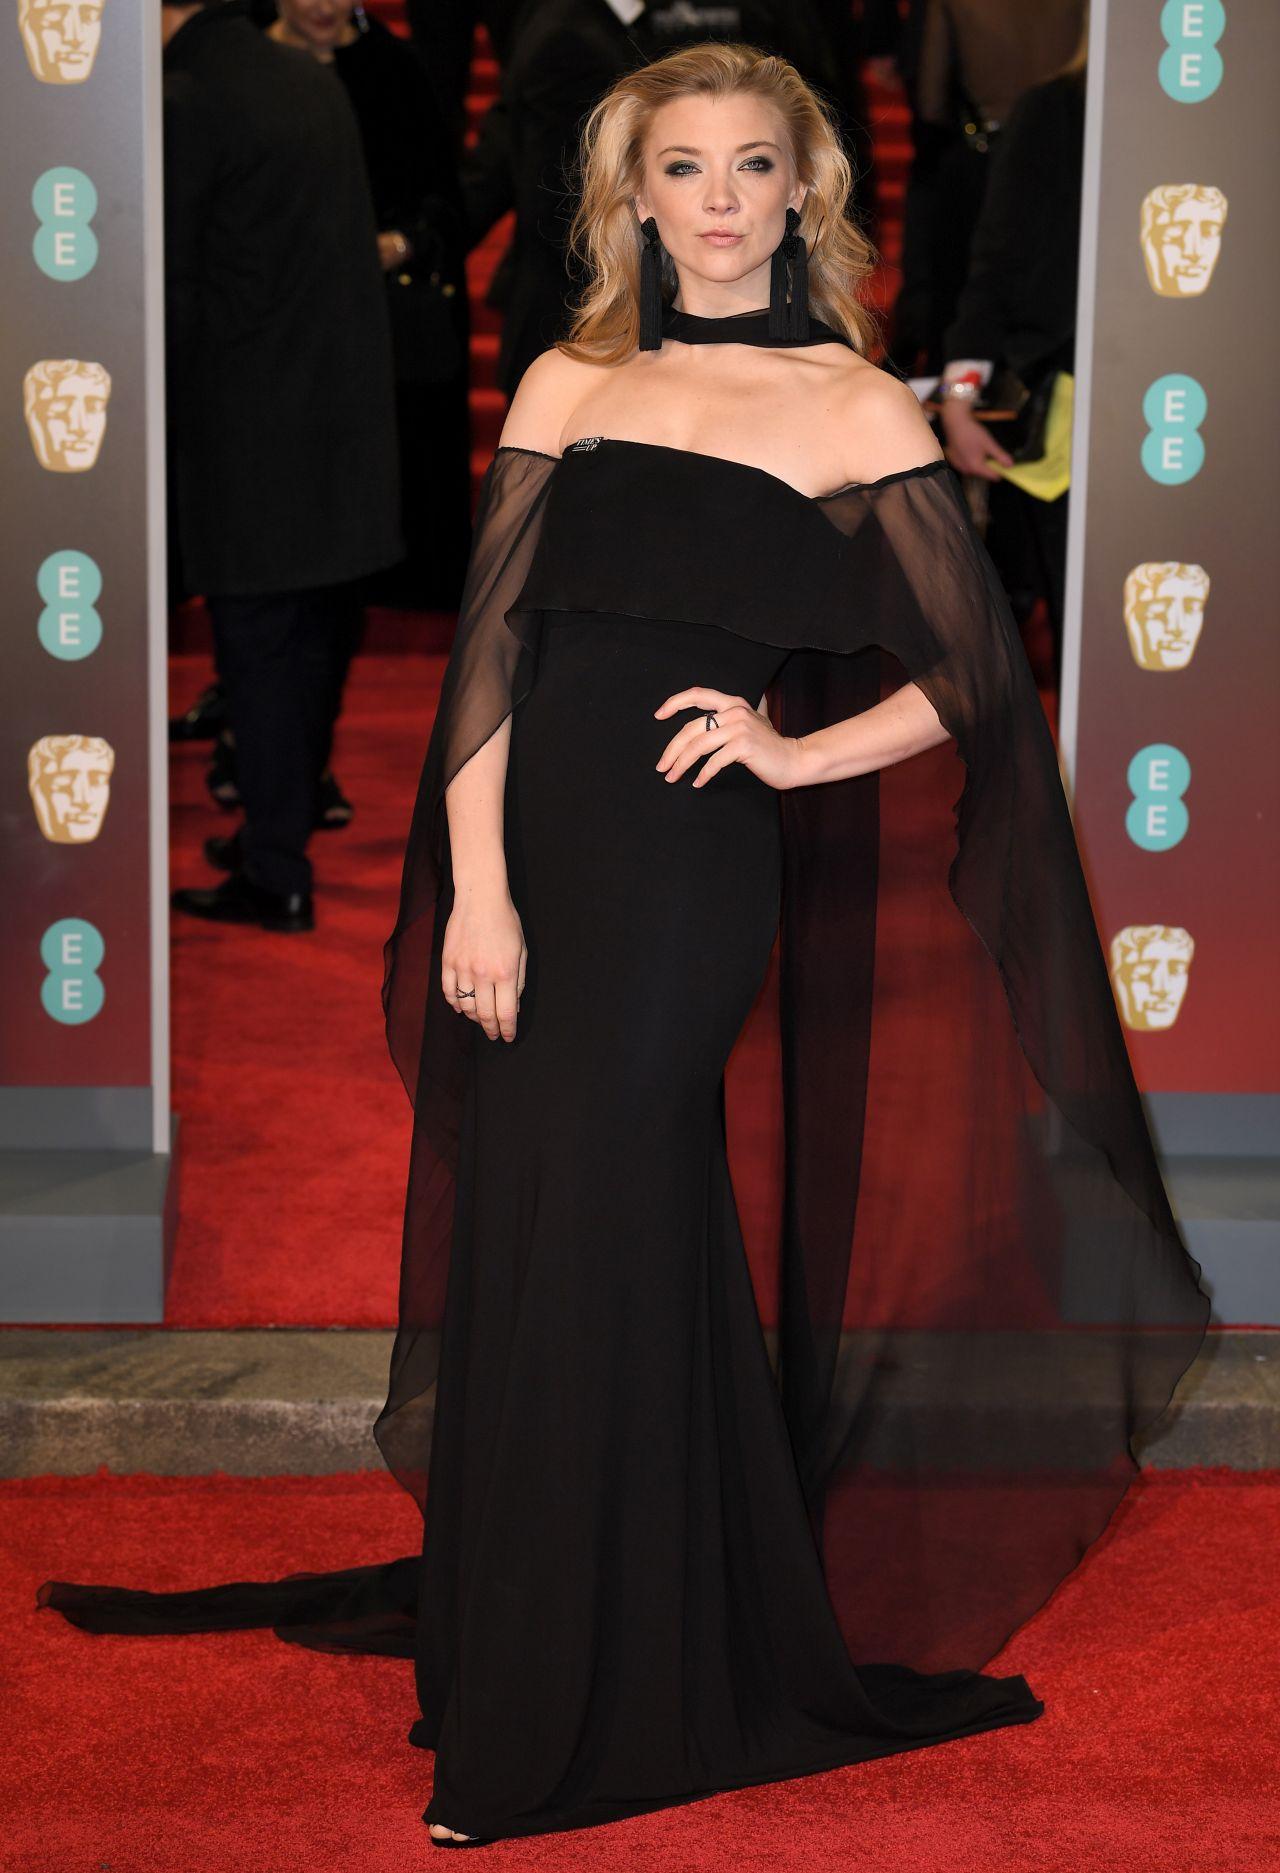 http://celebmafia.com/wp-content/uploads/2018/02/natalie-dormer-2018-british-academy-film-awards-12.jpg